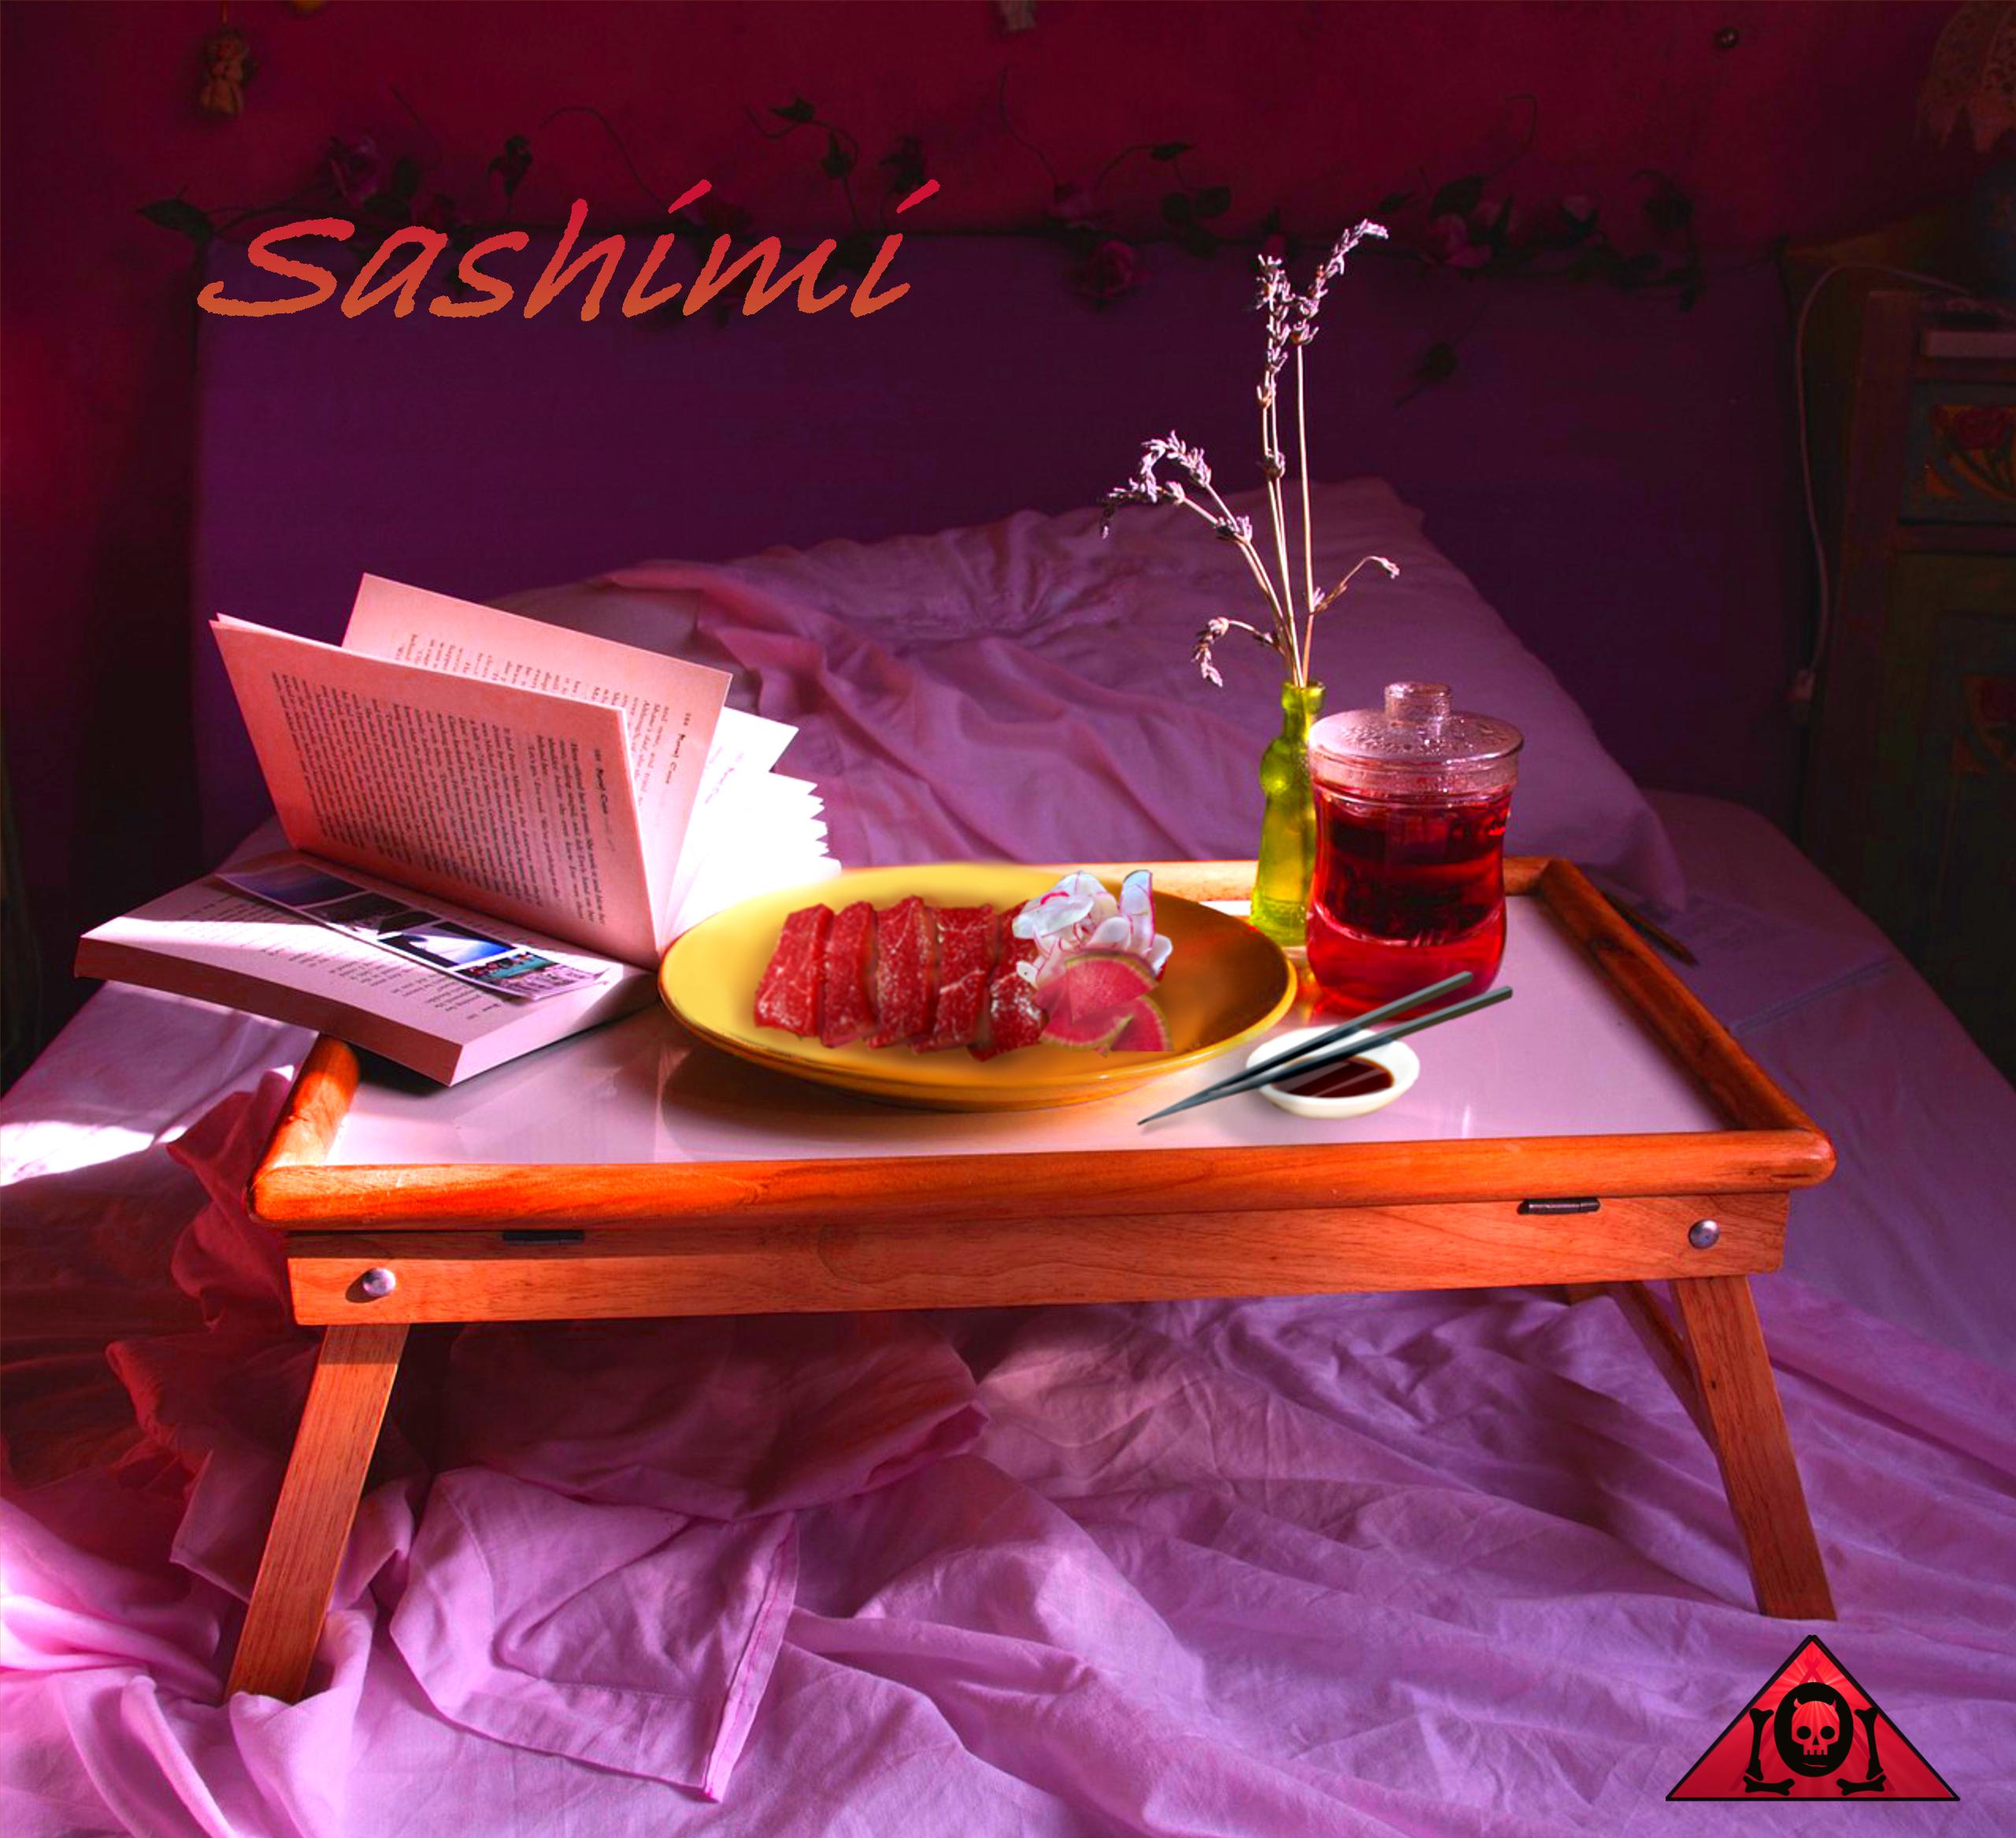 Sashimi Lyrics Sheet